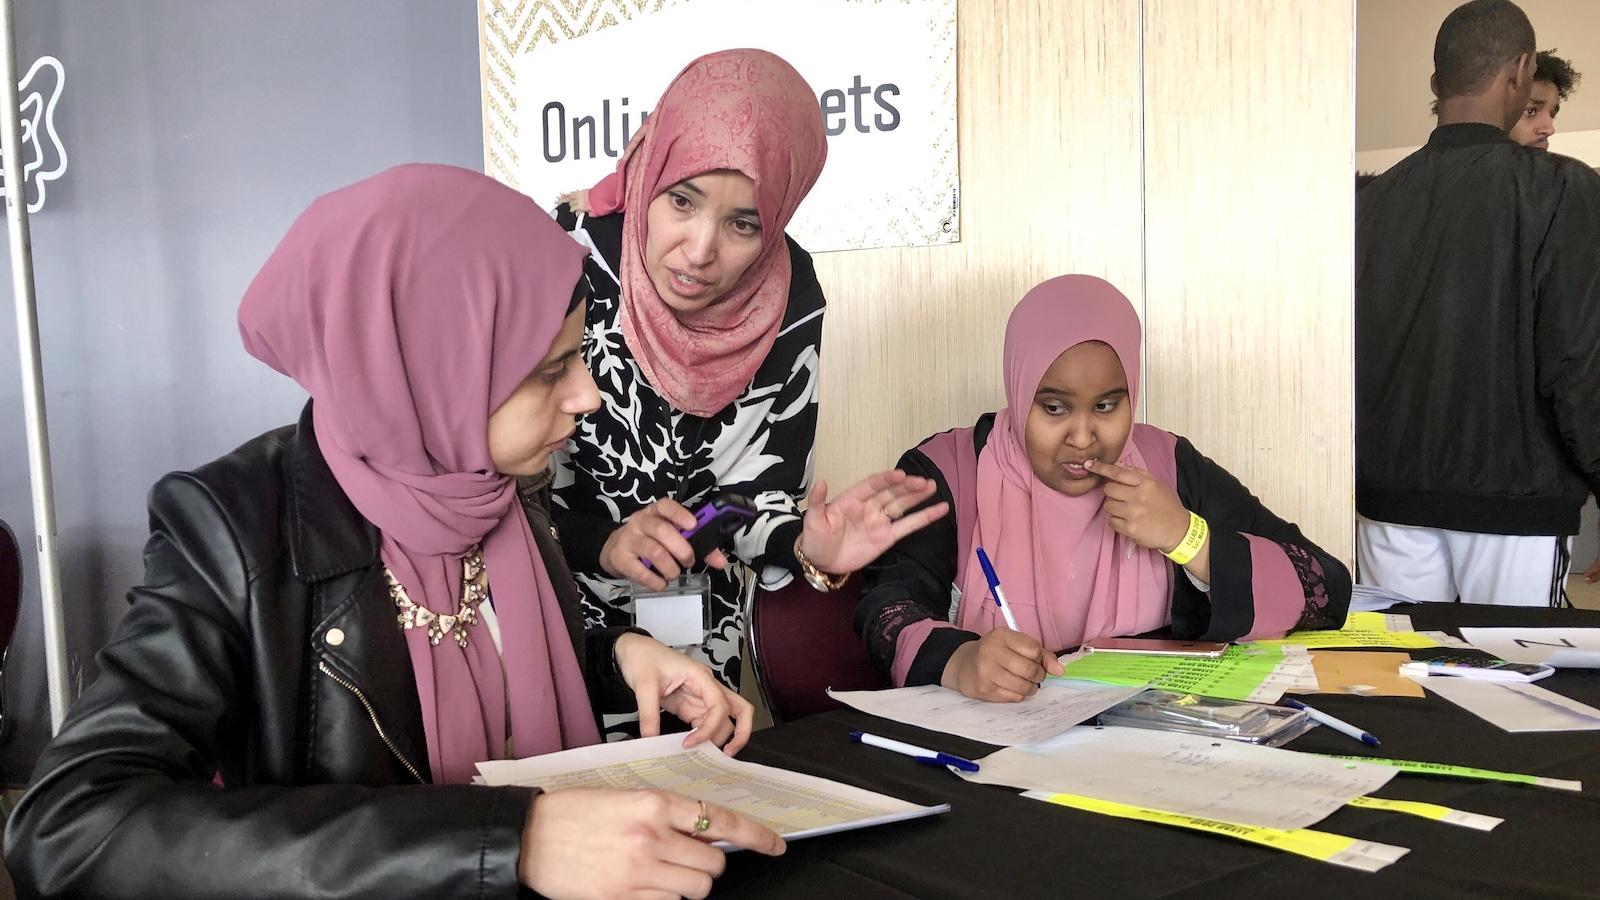 Trois femmes assises à une table en train d'étudier des listes de noms.